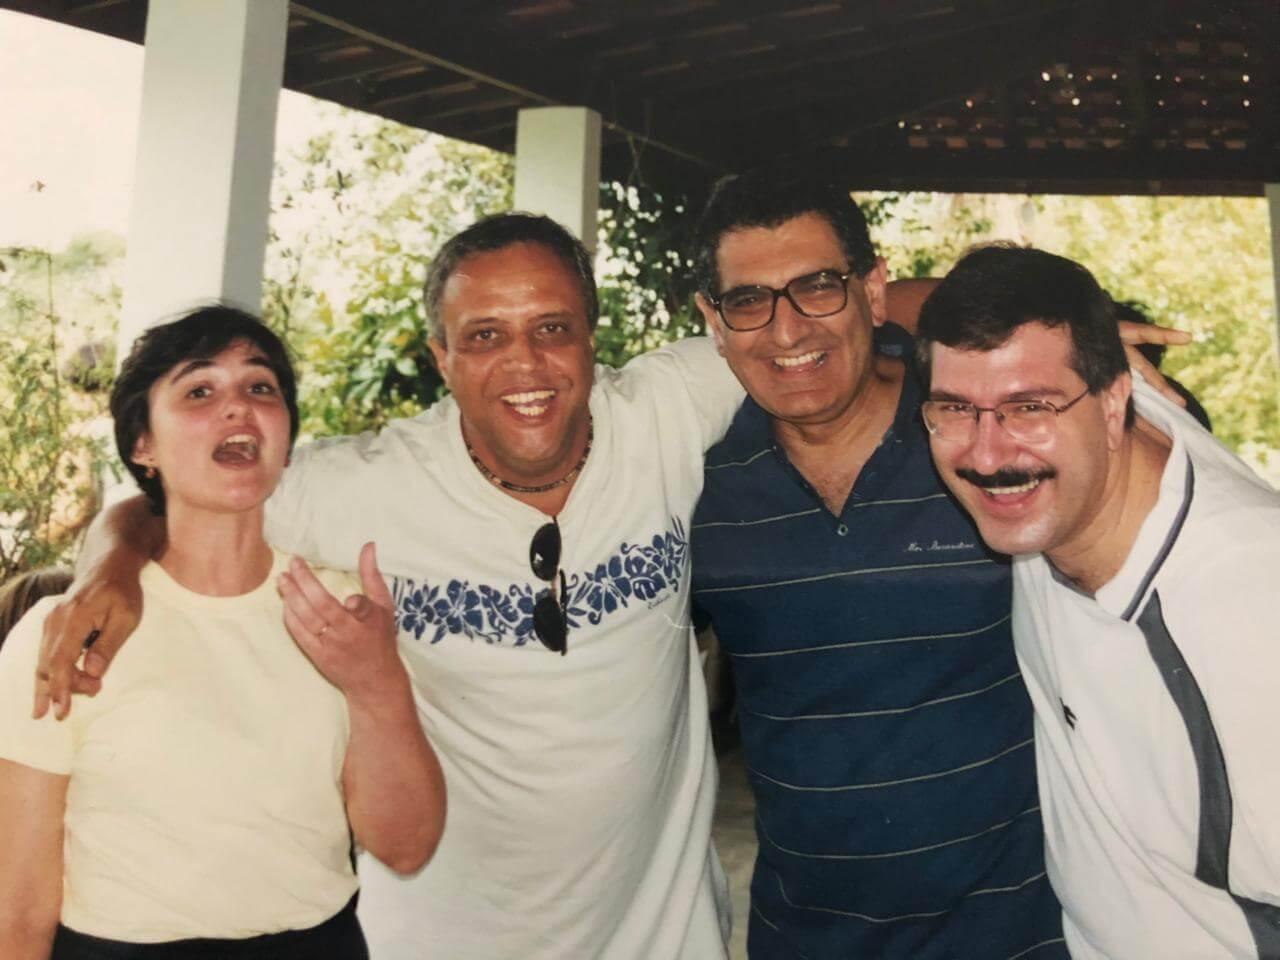 Márcia Menezes, Roberto de Souza, Vahan Agopyan e Geraldo Mekbkian na festa de Confraternização 1998.